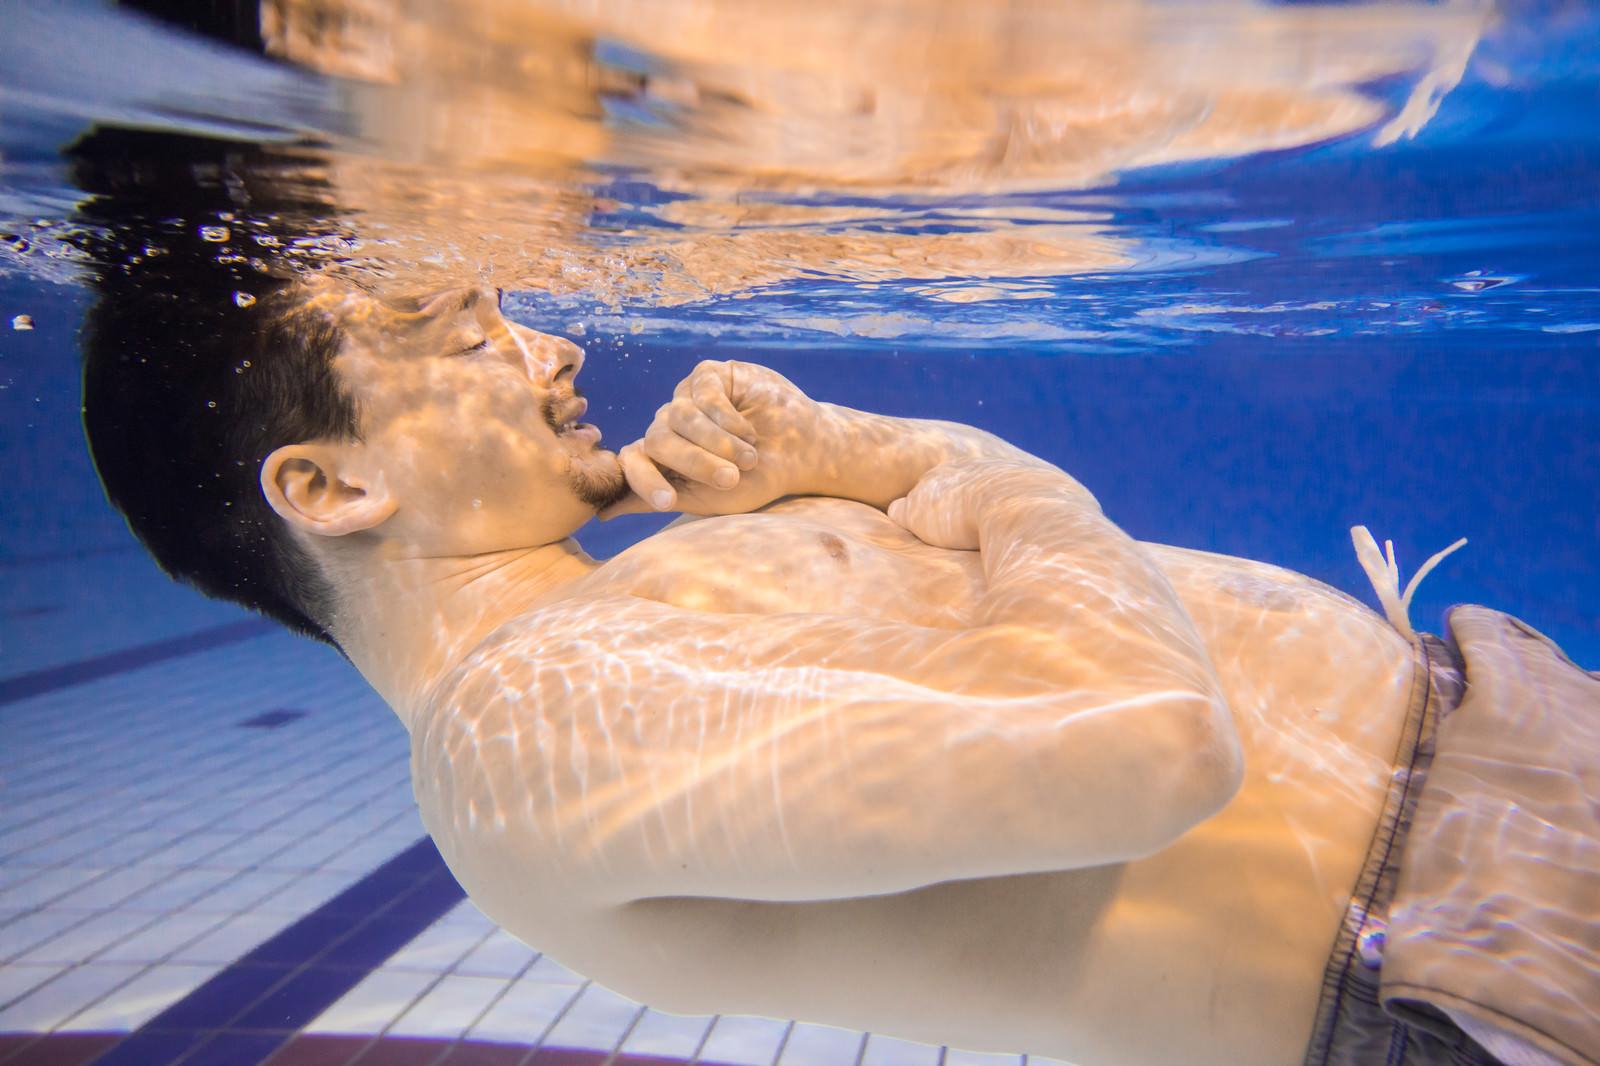 「ぽっこりお腹を気にしてプールから出てこない男性ぽっこりお腹を気にしてプールから出てこない男性」[モデル:Max_Ezaki]のフリー写真素材を拡大